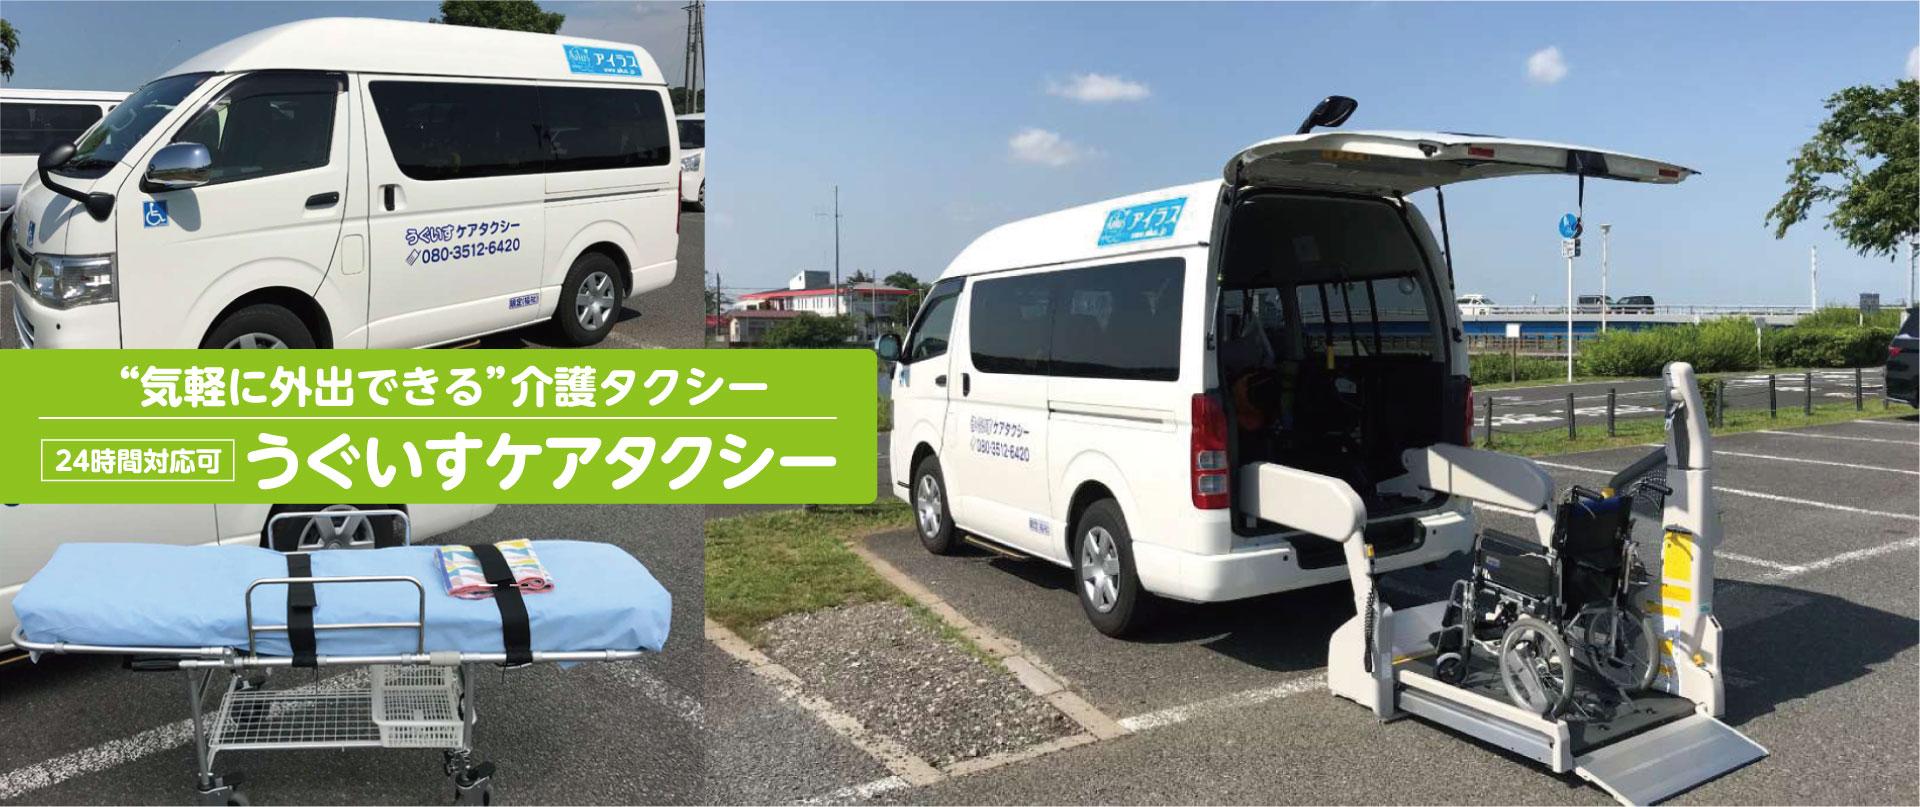 うぐいすケアタクシーのイメージ画像